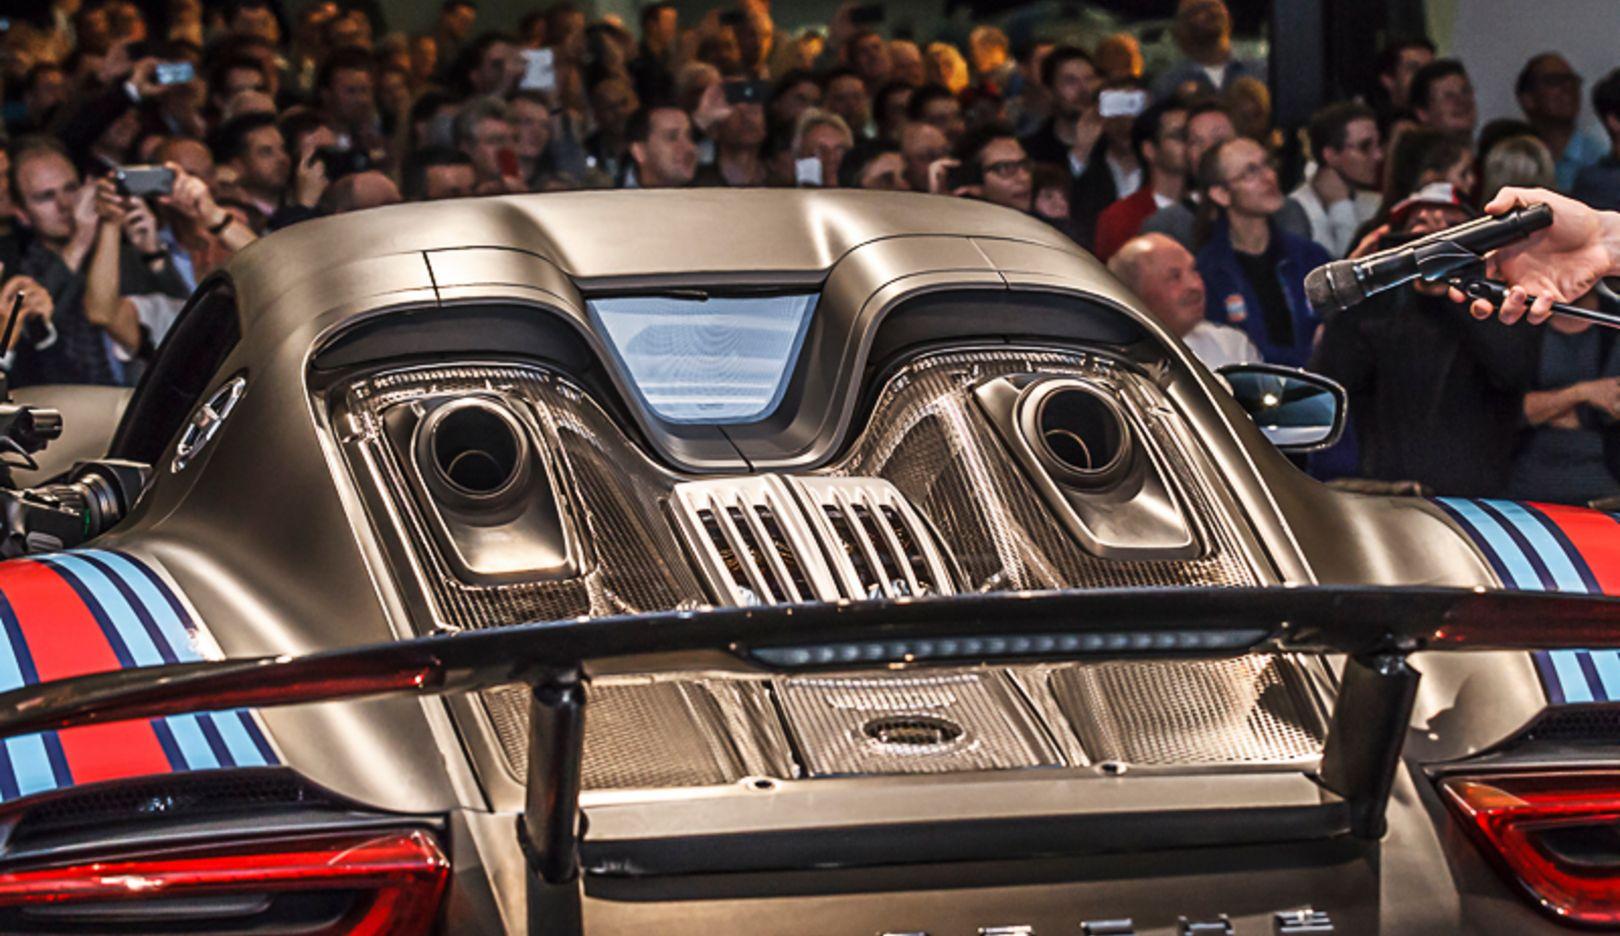 Soundnacht, 918 Spyder, Porsche-Museum, 2014, Porsche AG